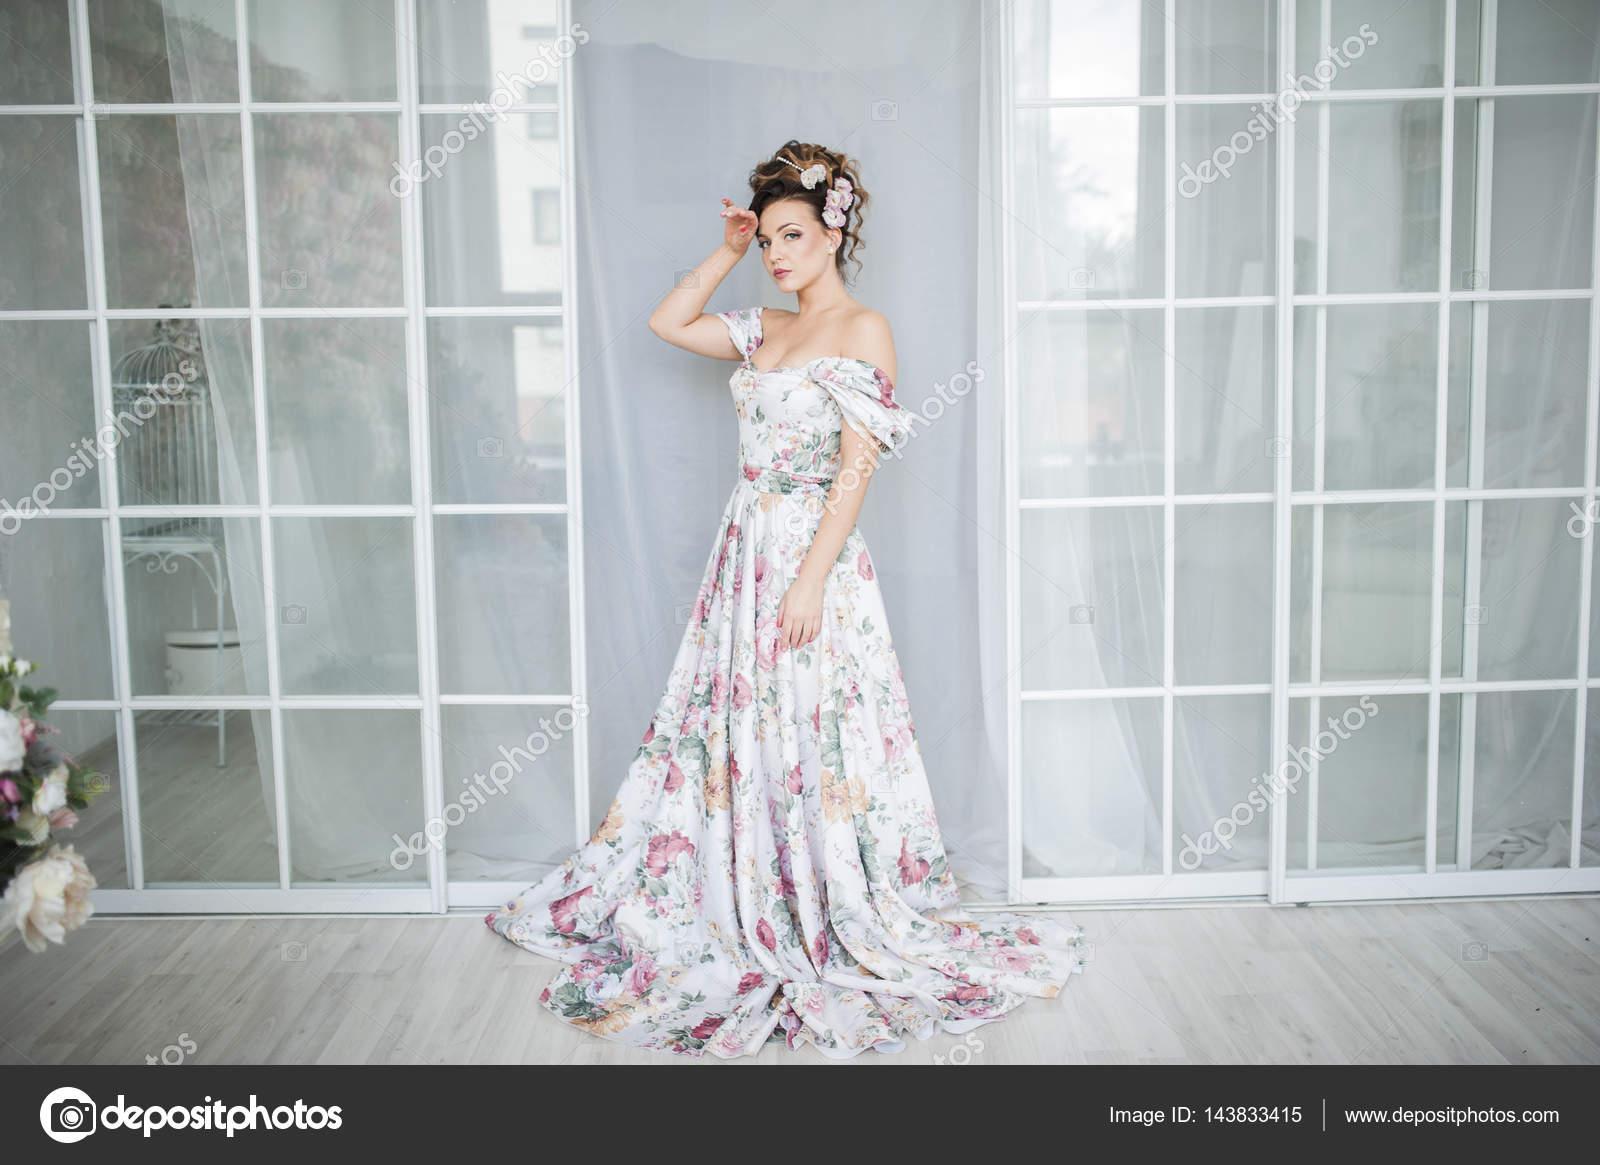 joven esposa en vestido hermoso — Foto de stock © alla.foto-alla.ru ...